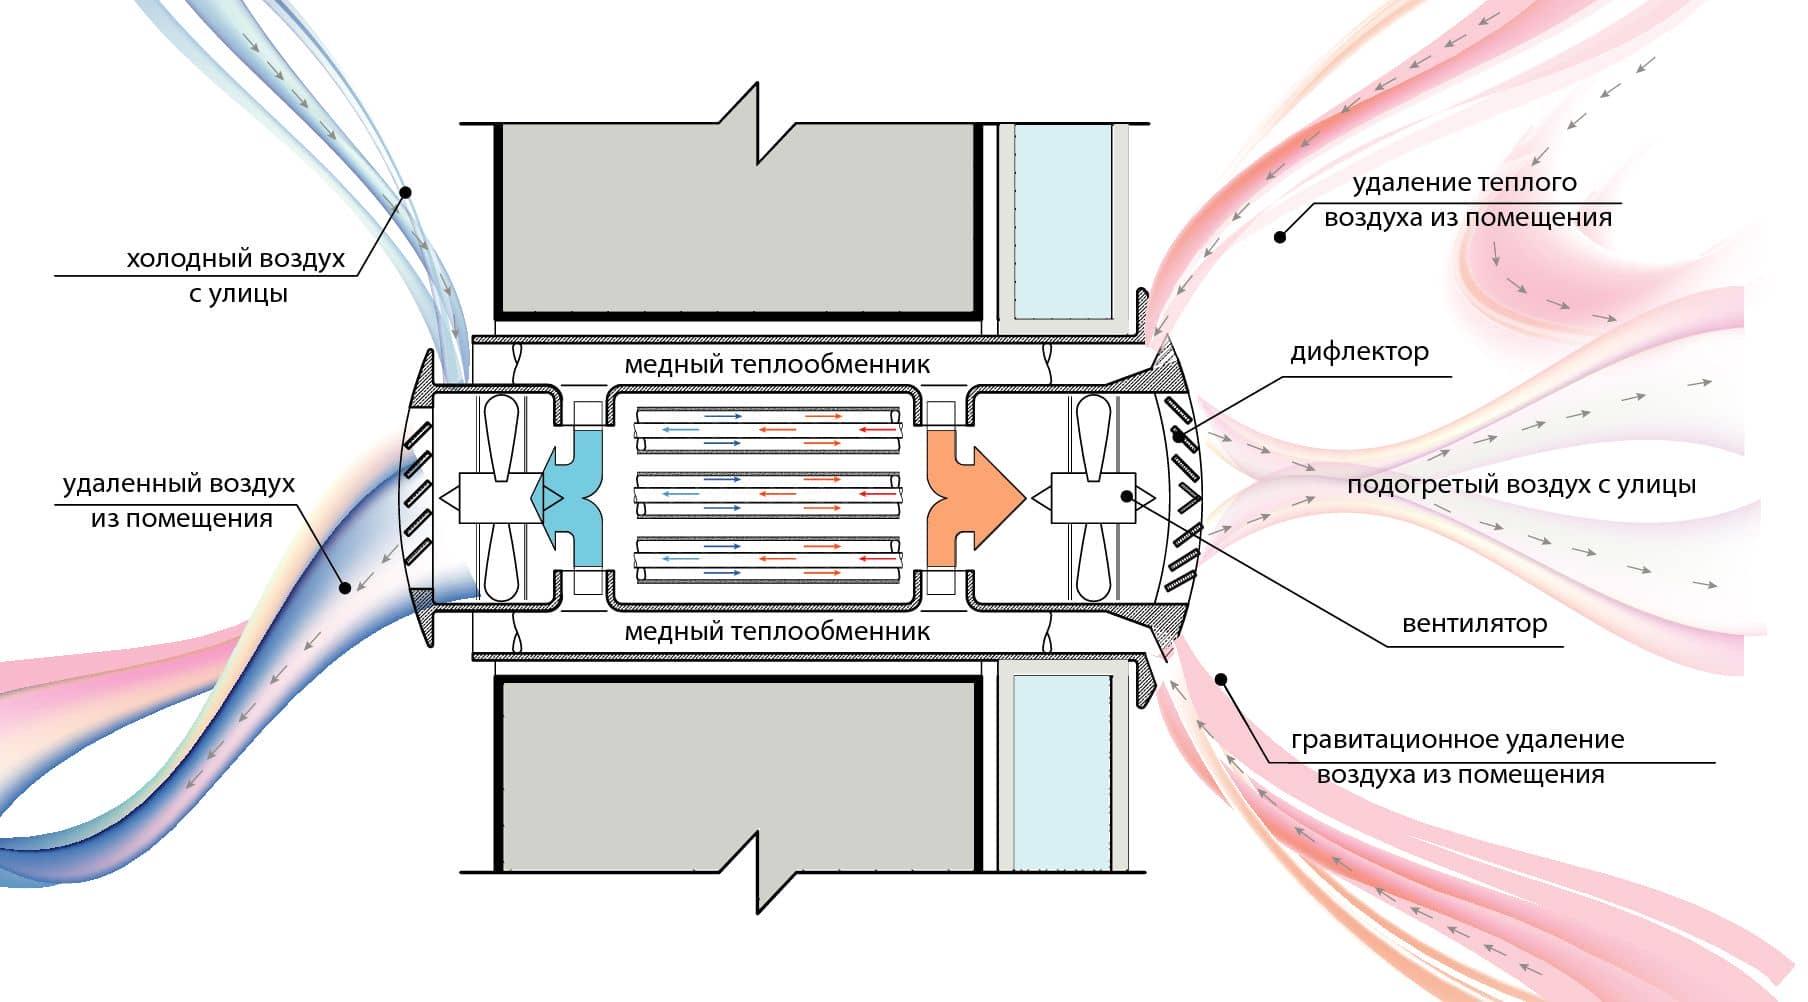 Эффективный рекуператор воздуха своими руками - Инж. системы 30